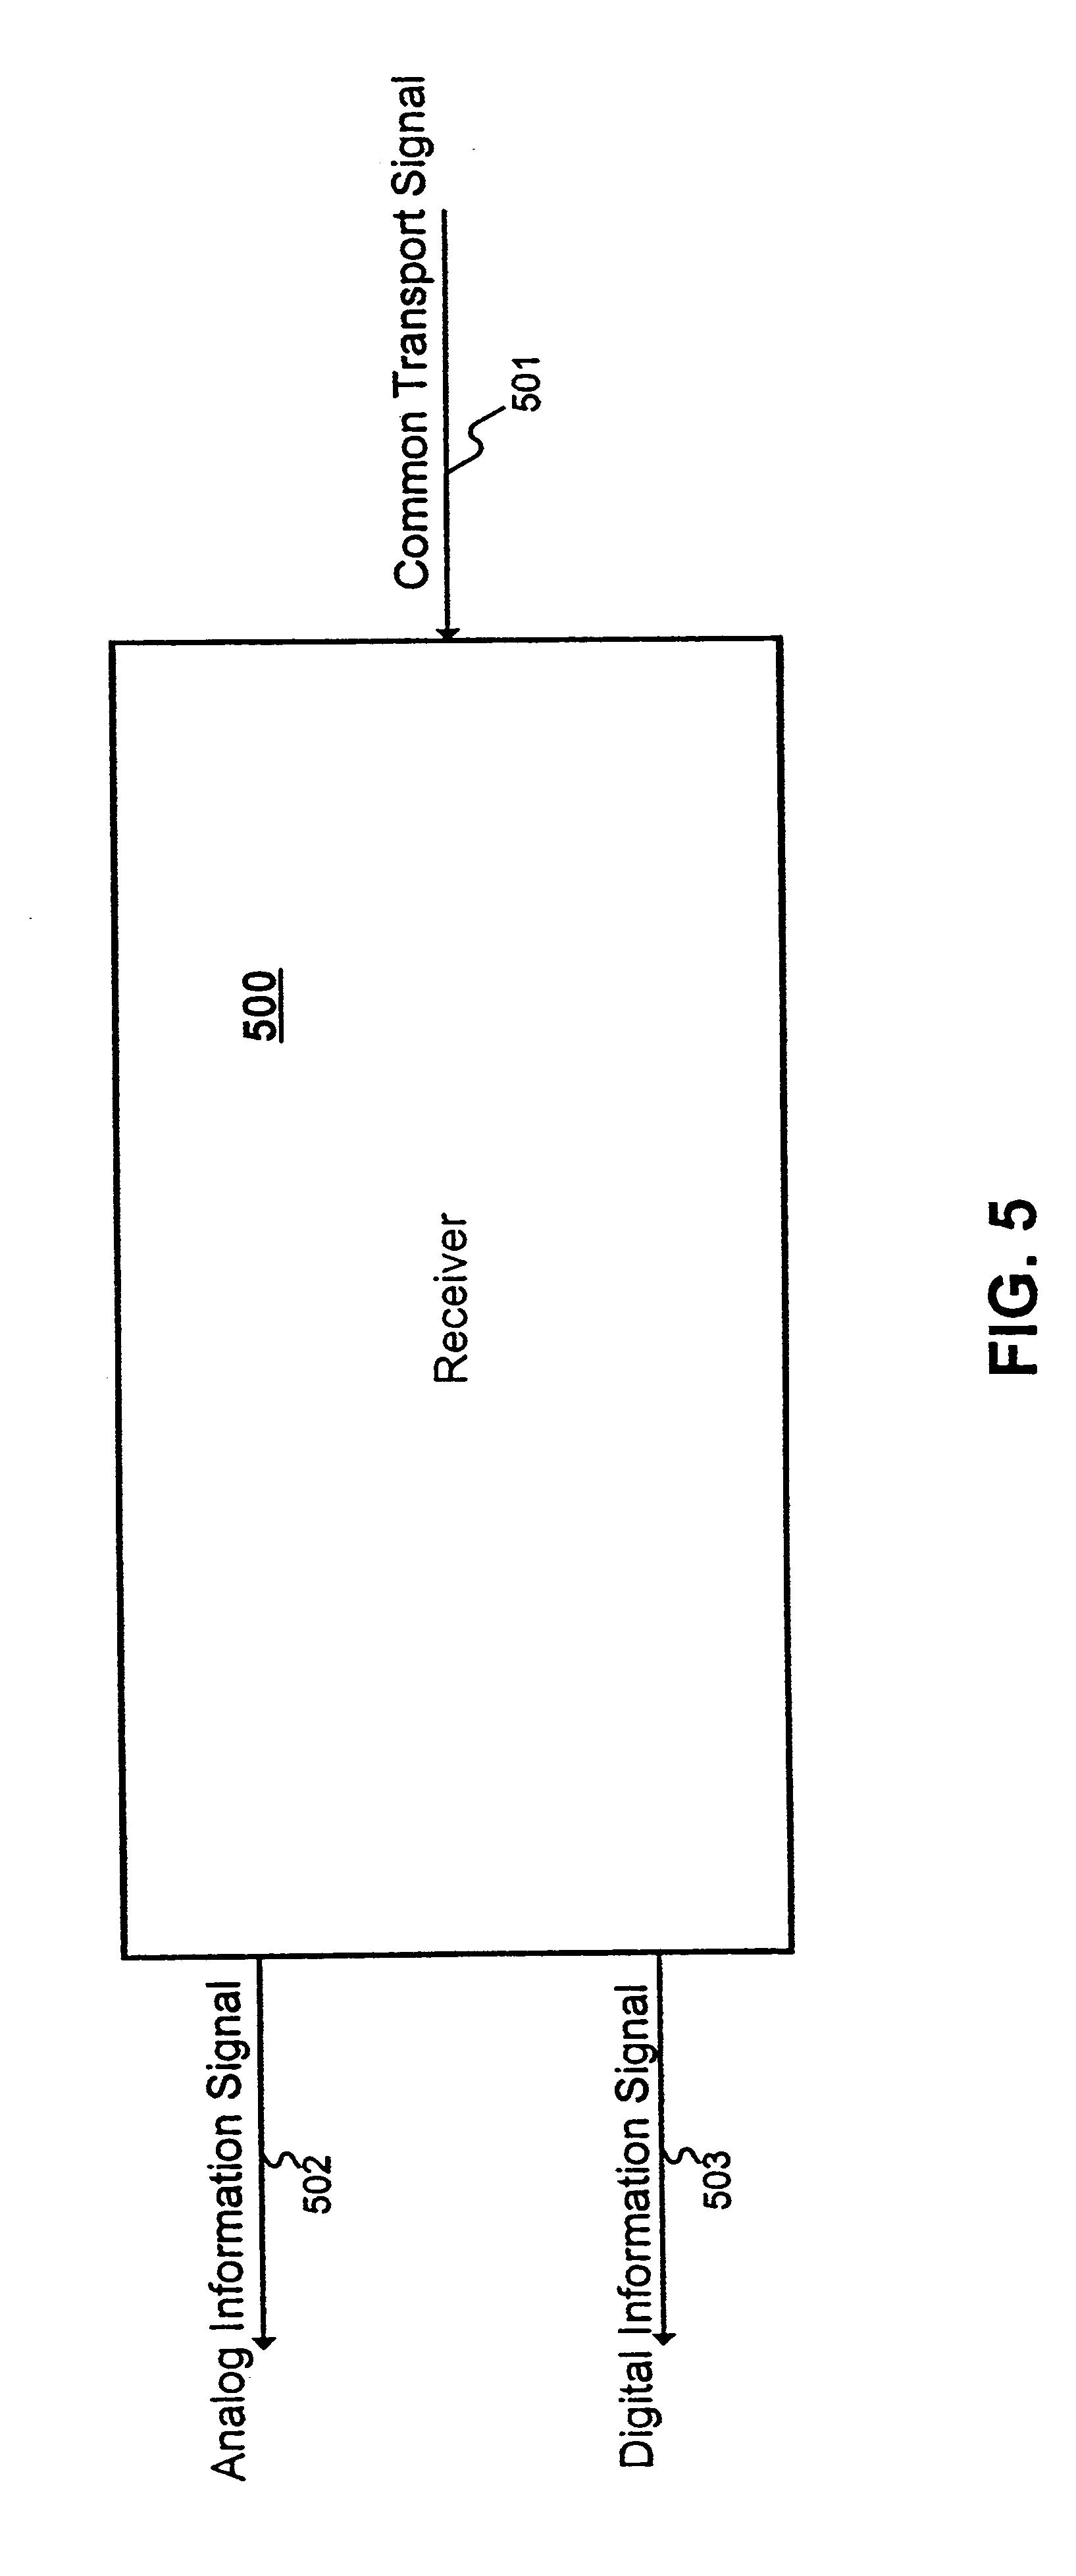 patent us6377314